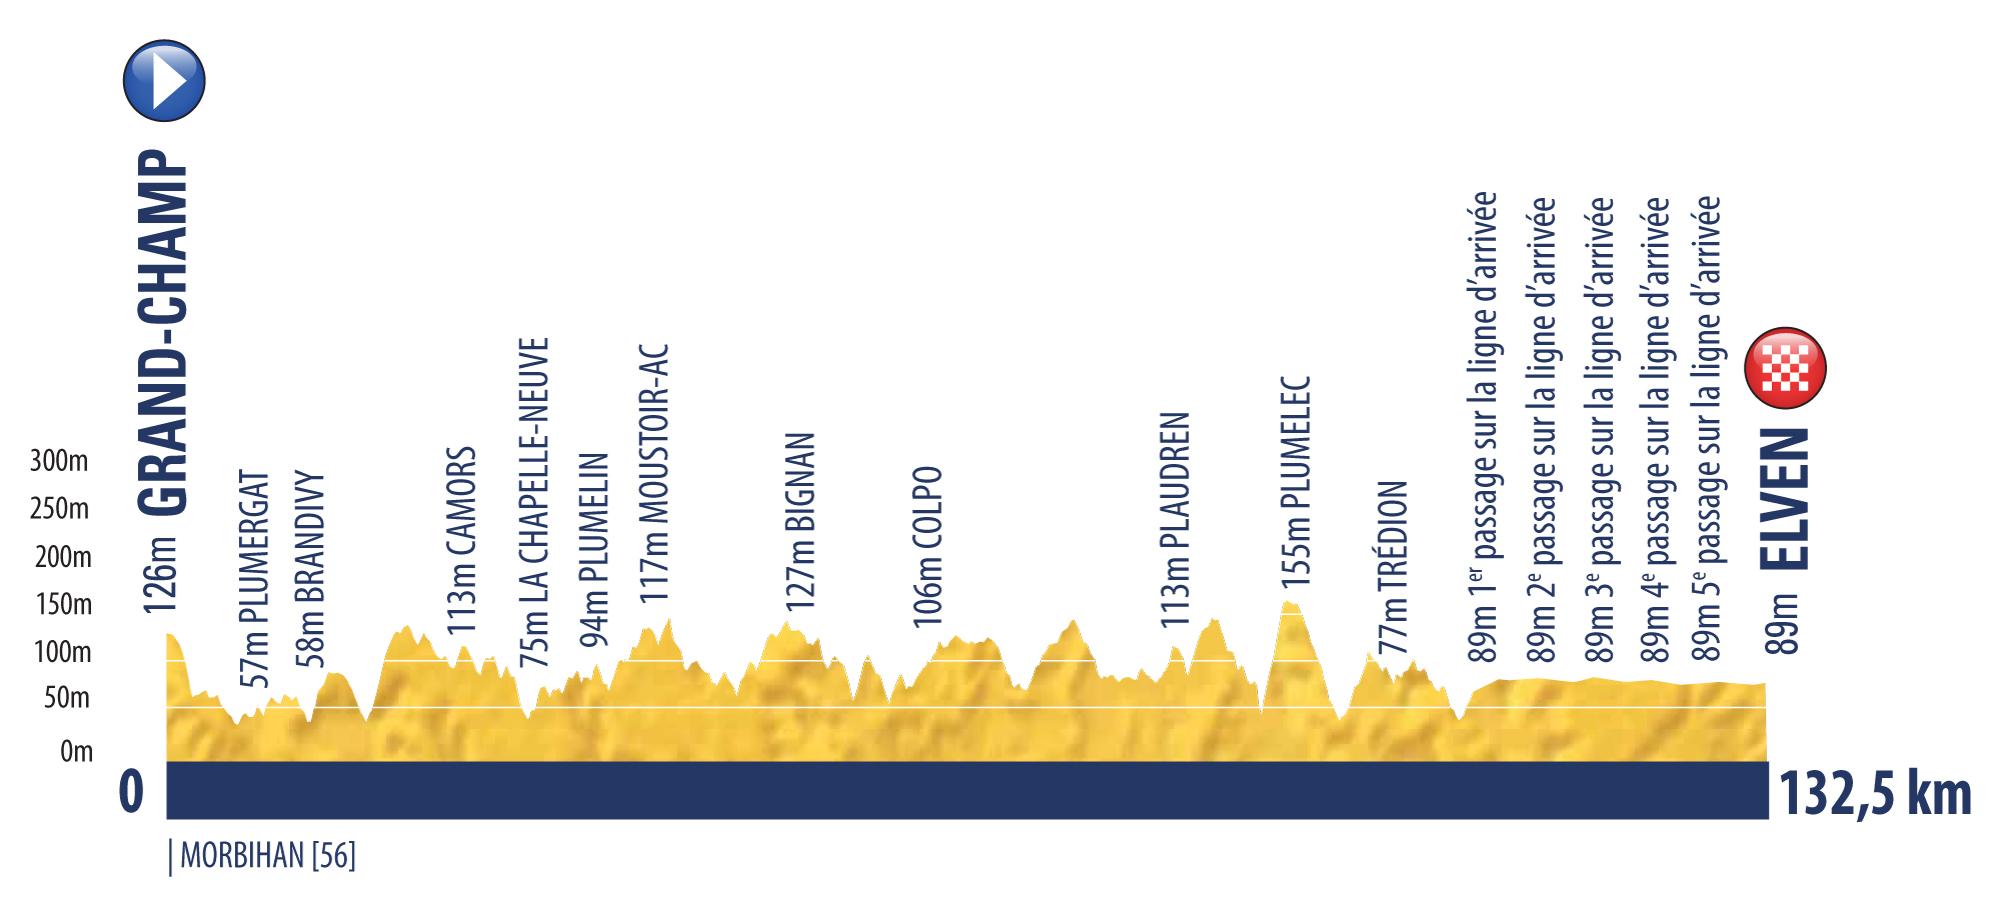 etappe 1 Tour de l'Avenir 2018